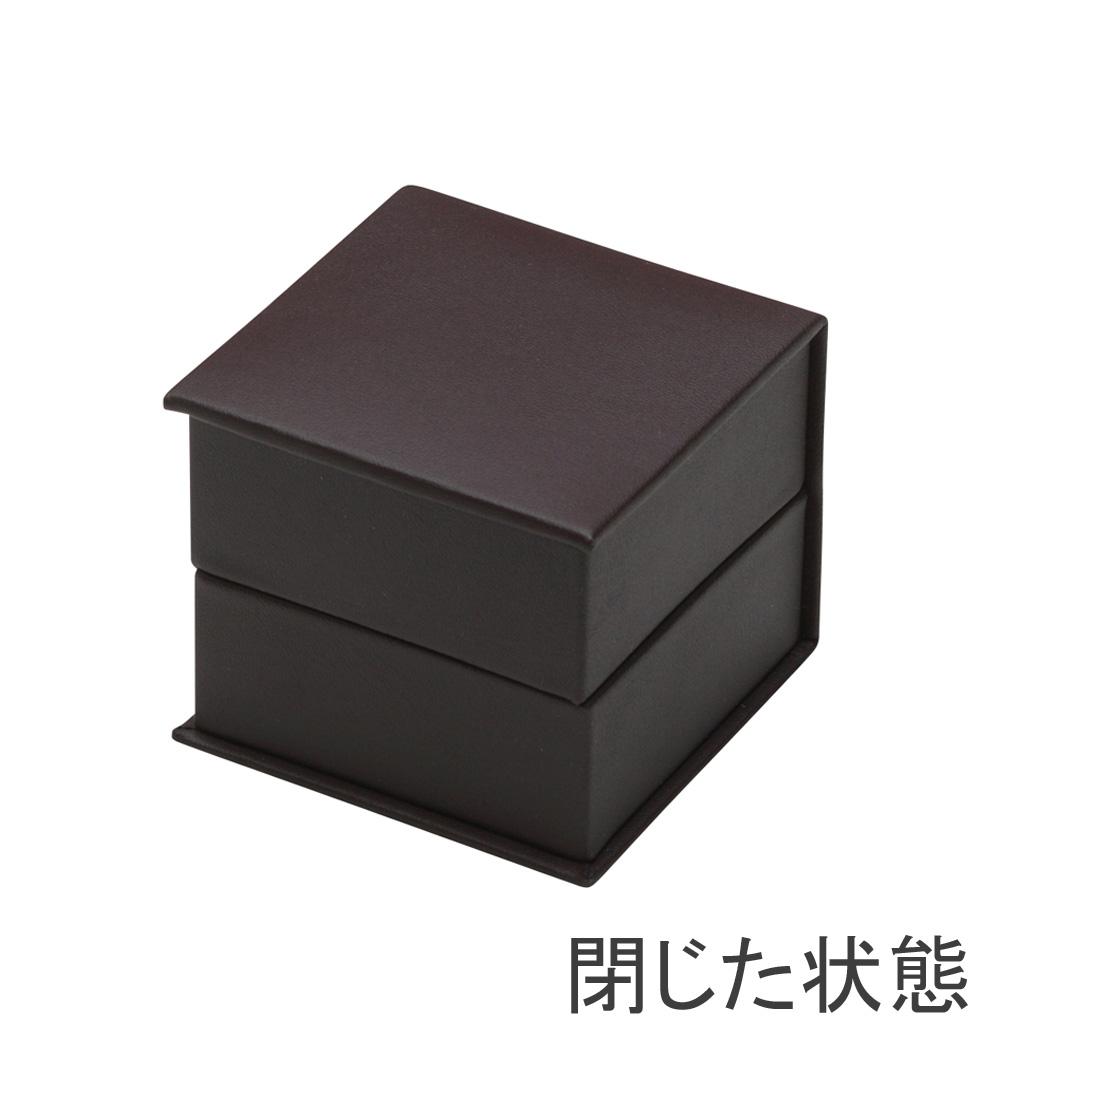 BC-201R リング用小(12個入) 1個あたり¥458